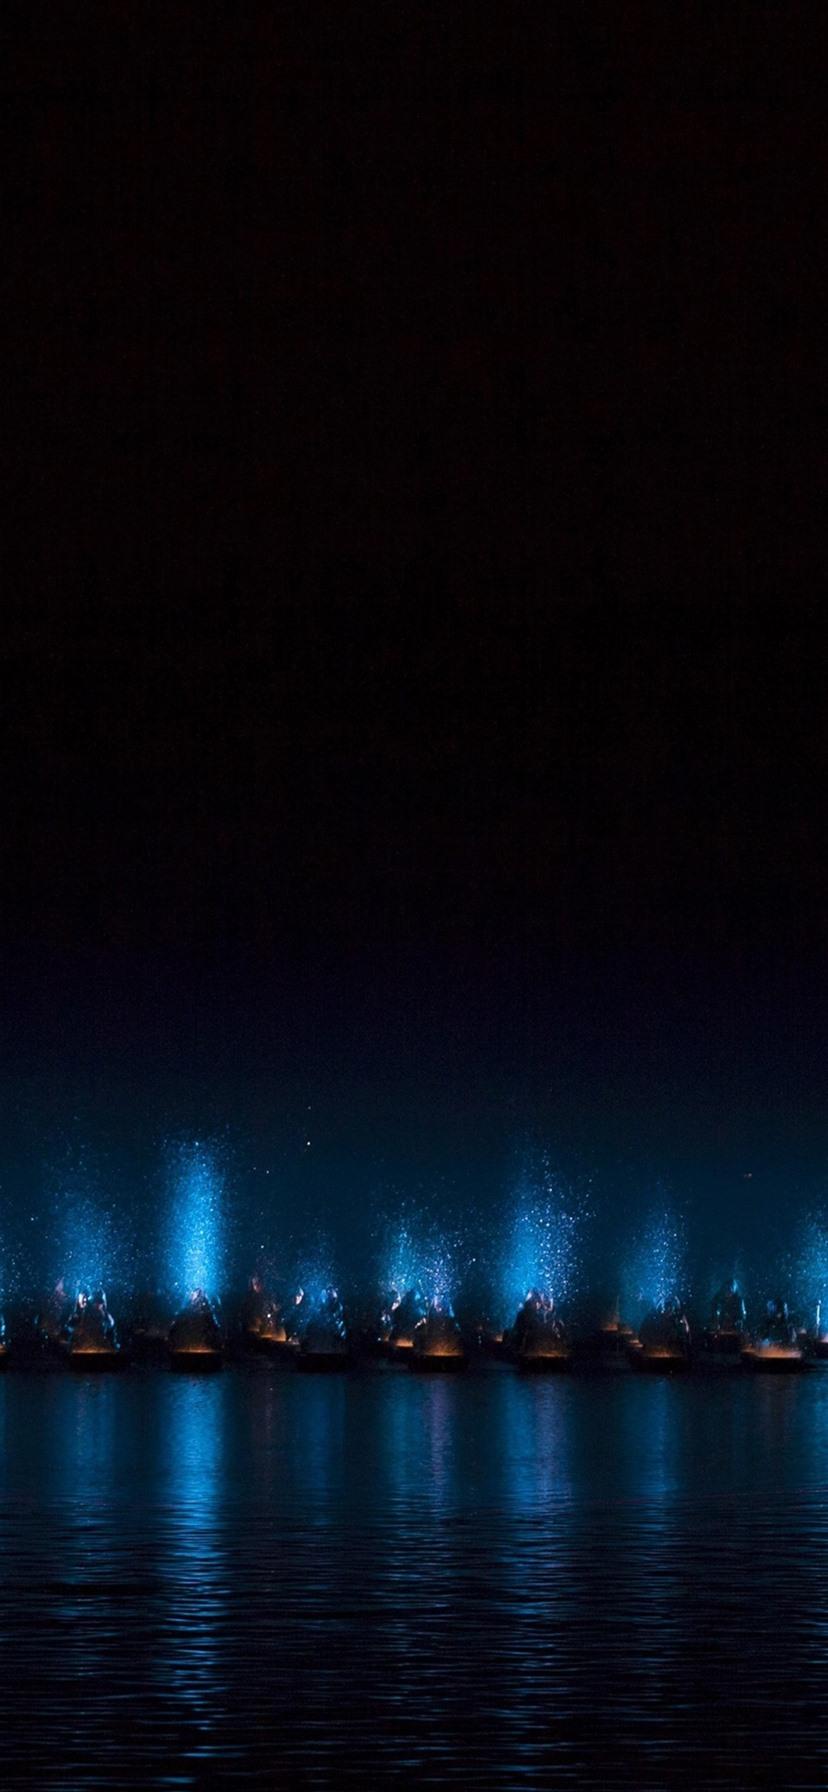 海 夜 ボート ライト 1080x19 Iphone 8 7 6 6s Plus 壁紙 背景 画像